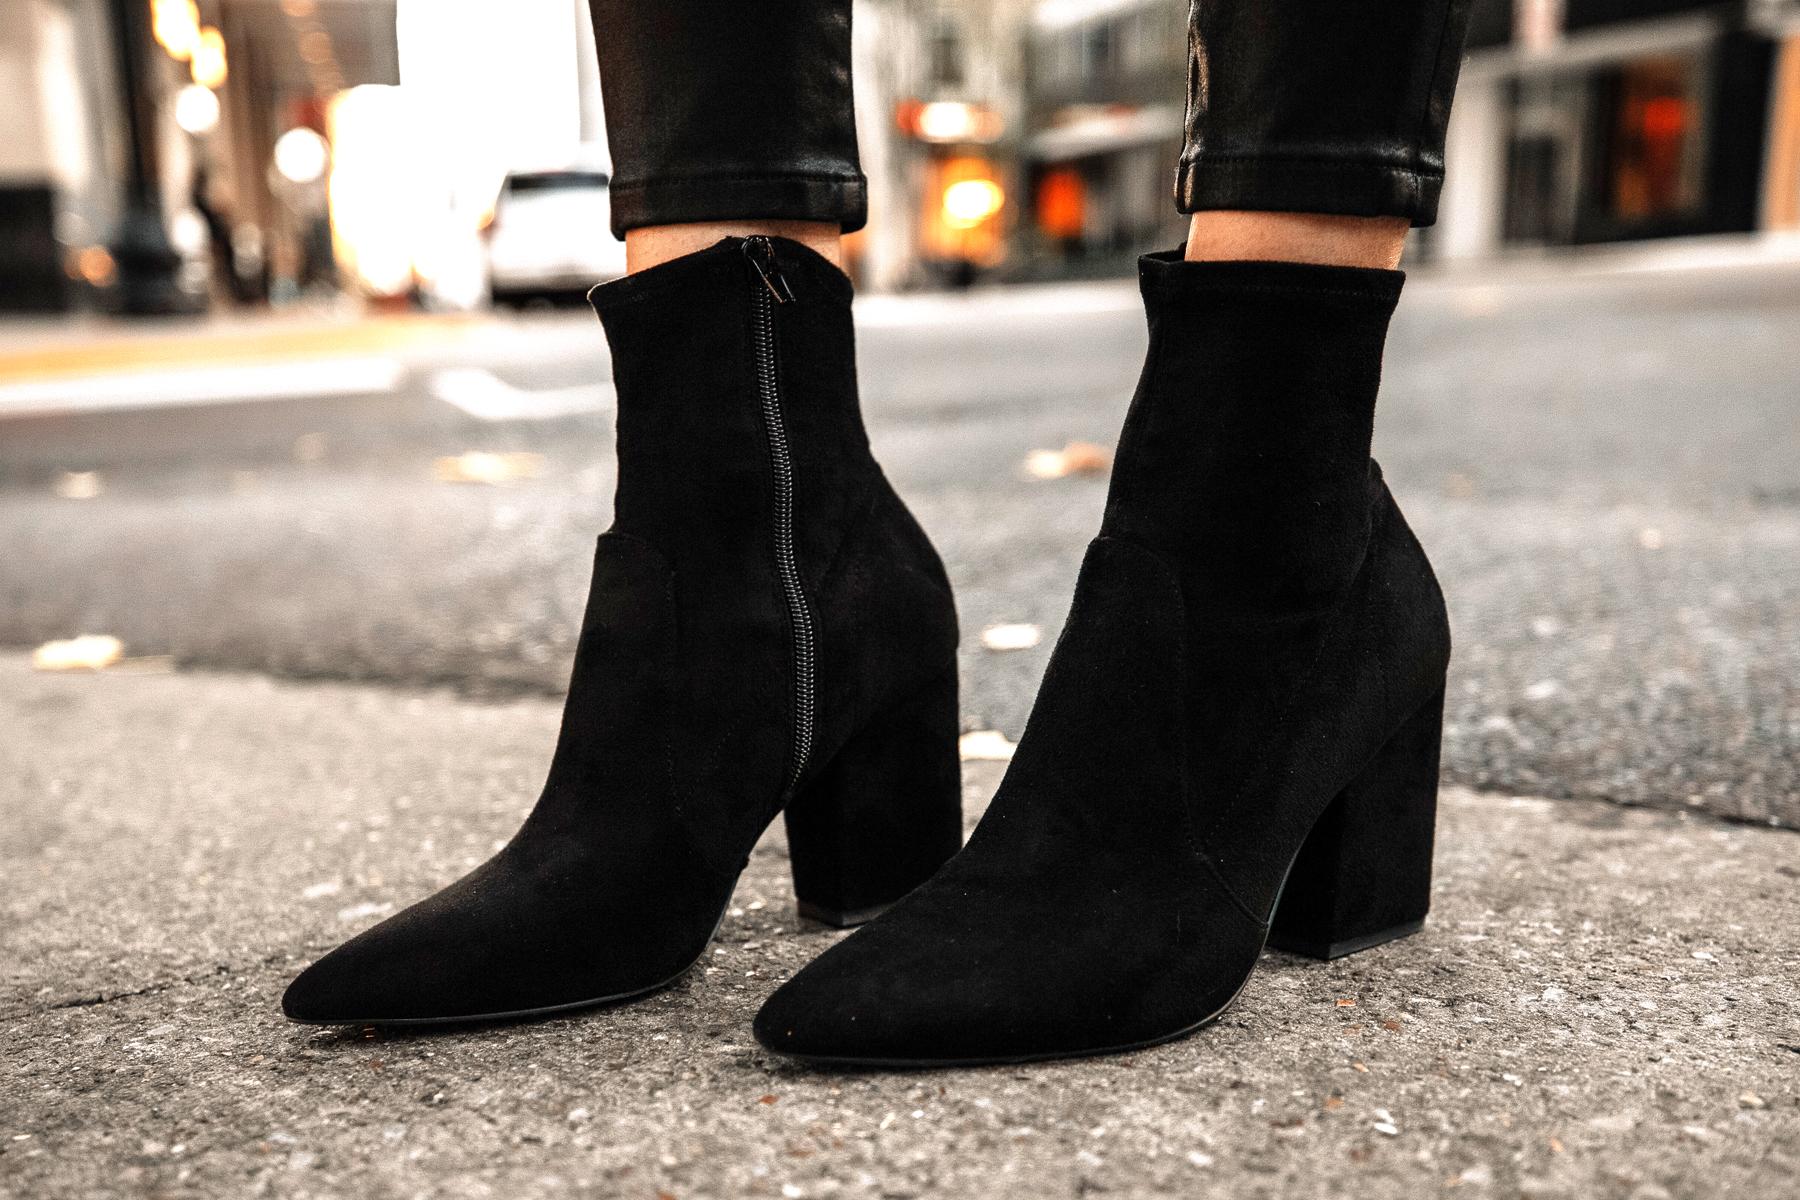 Fashion Jackson Wearing Express Black Suede Booties